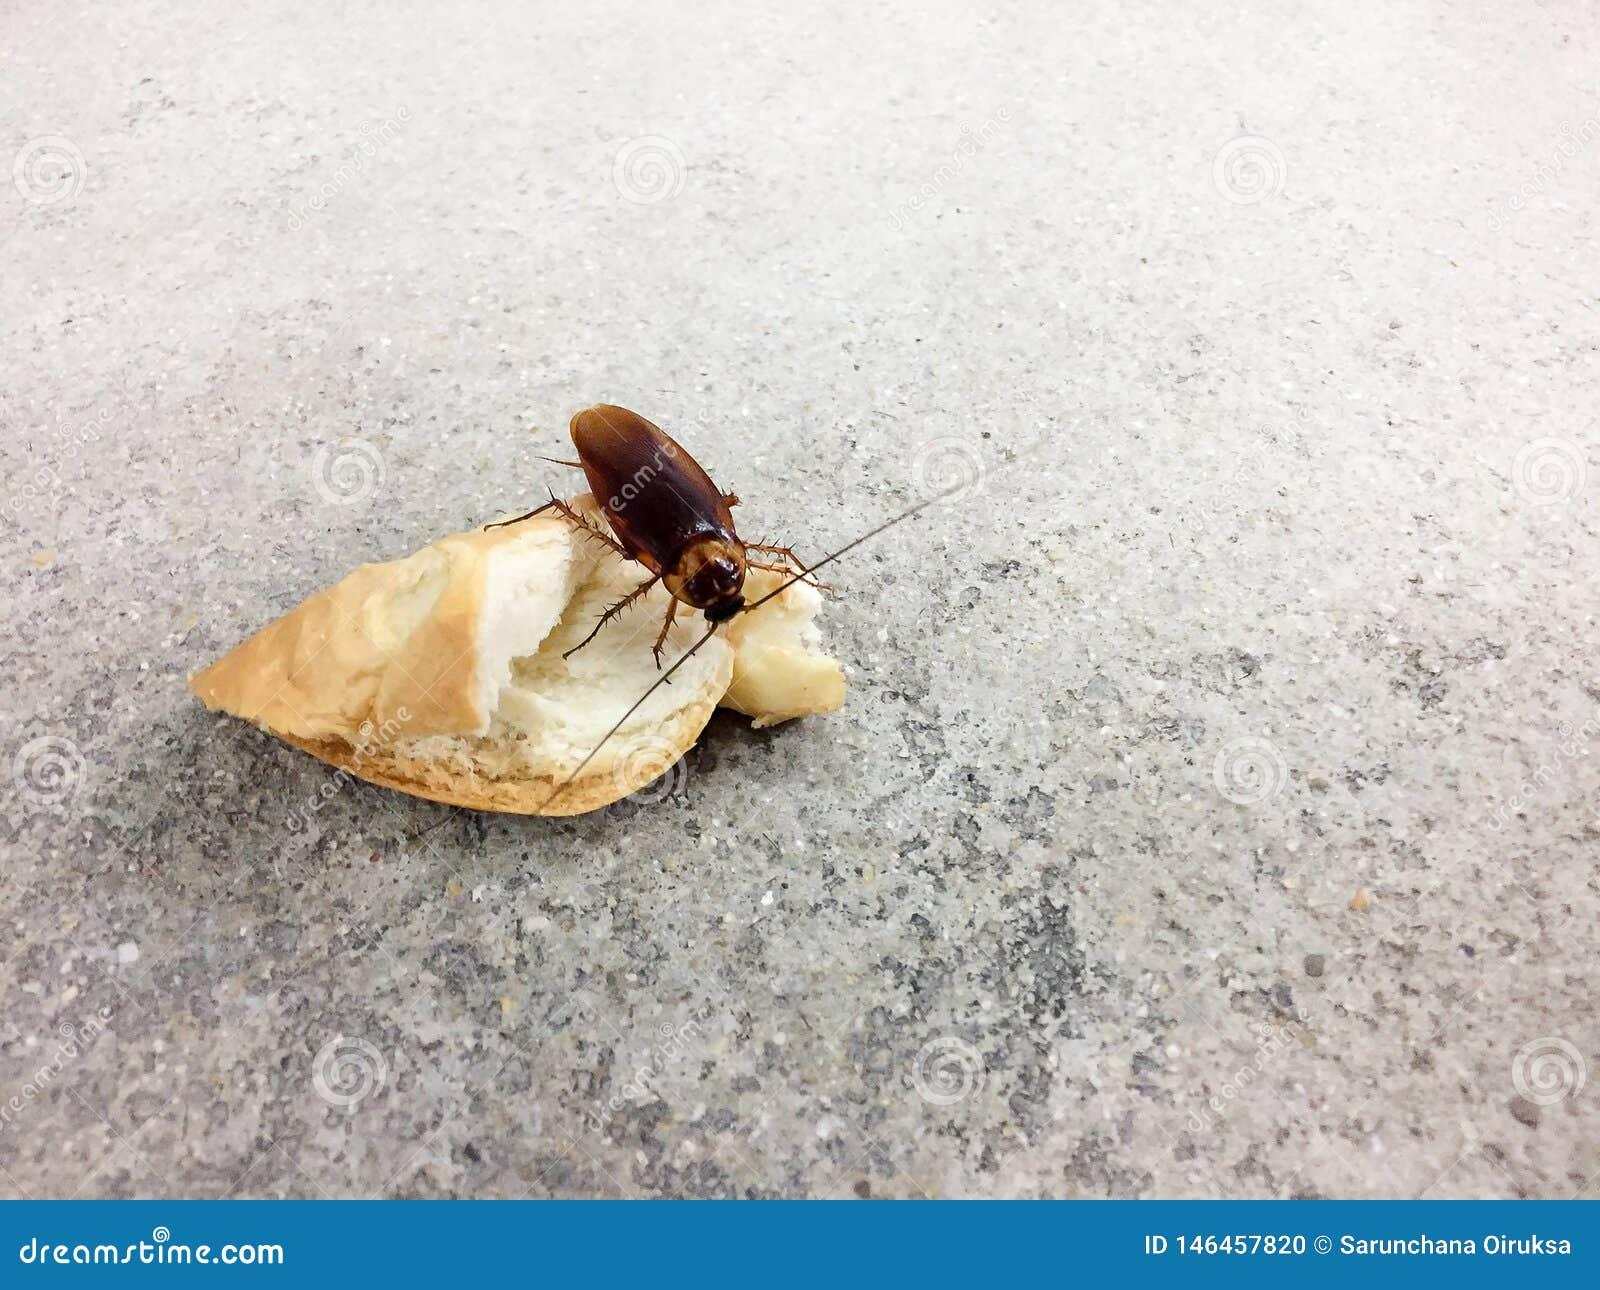 E De kakkerlakken zijn dragers van de ziekte